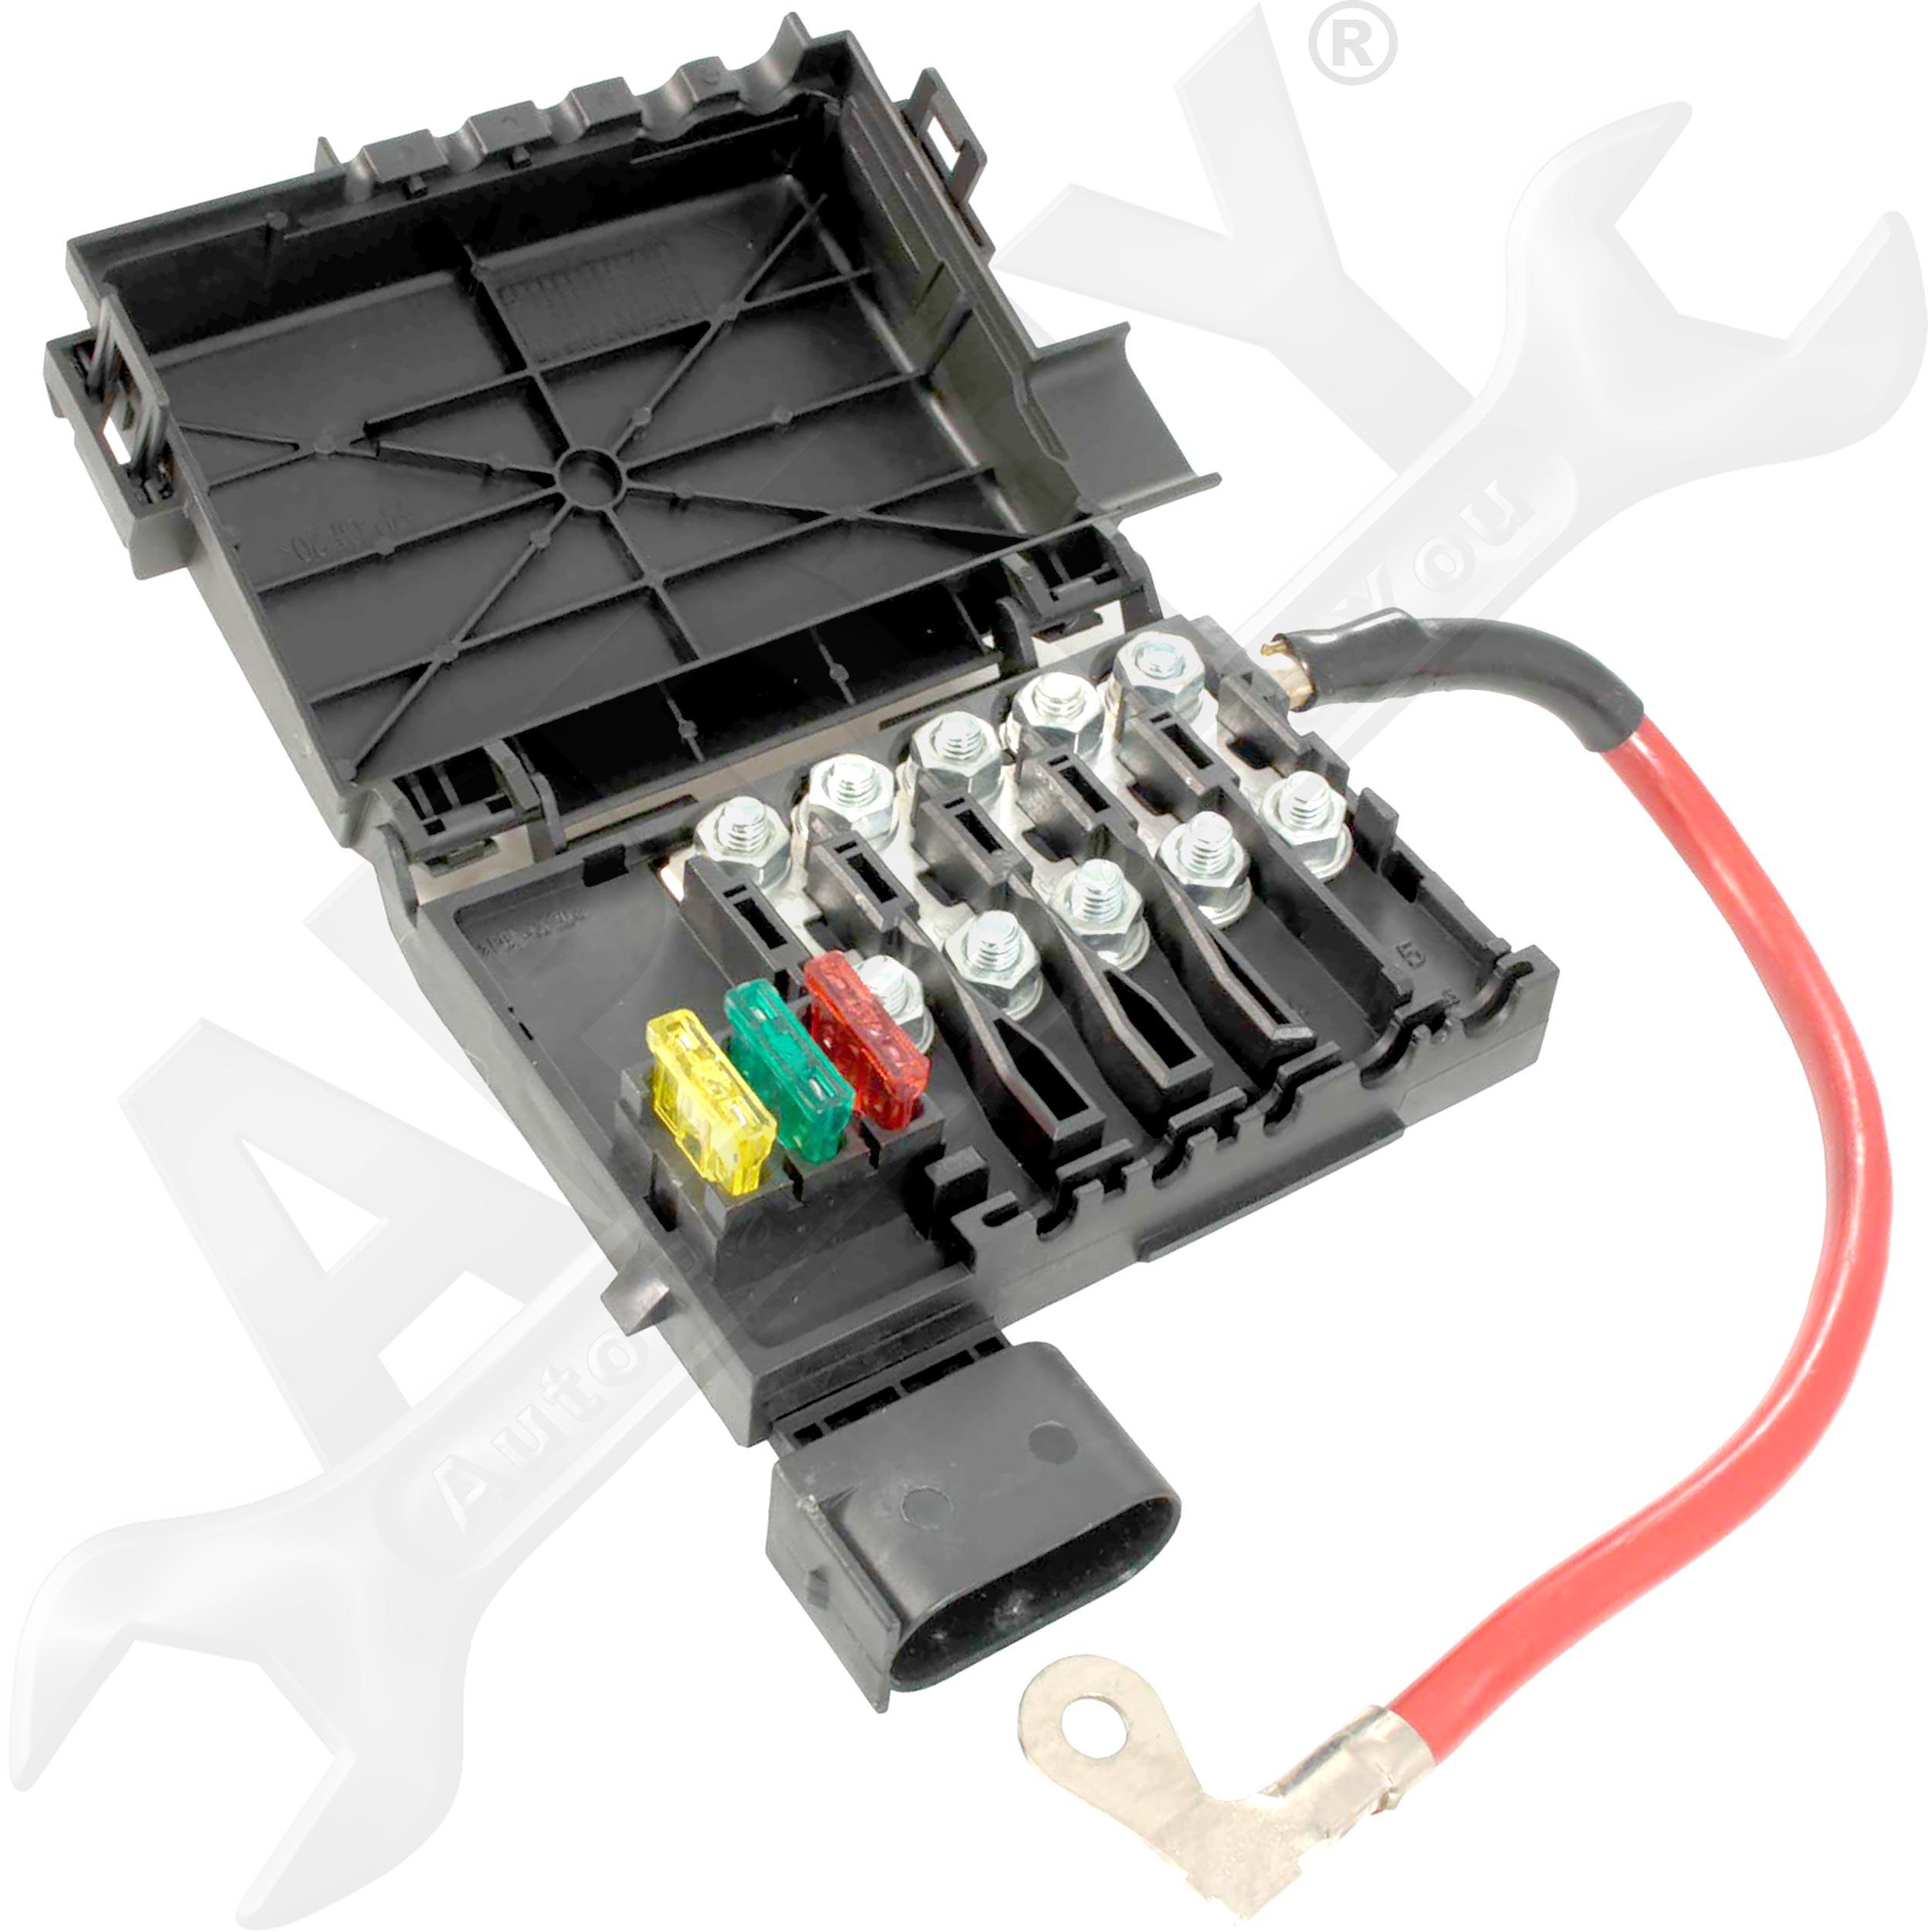 battery fuse box melting